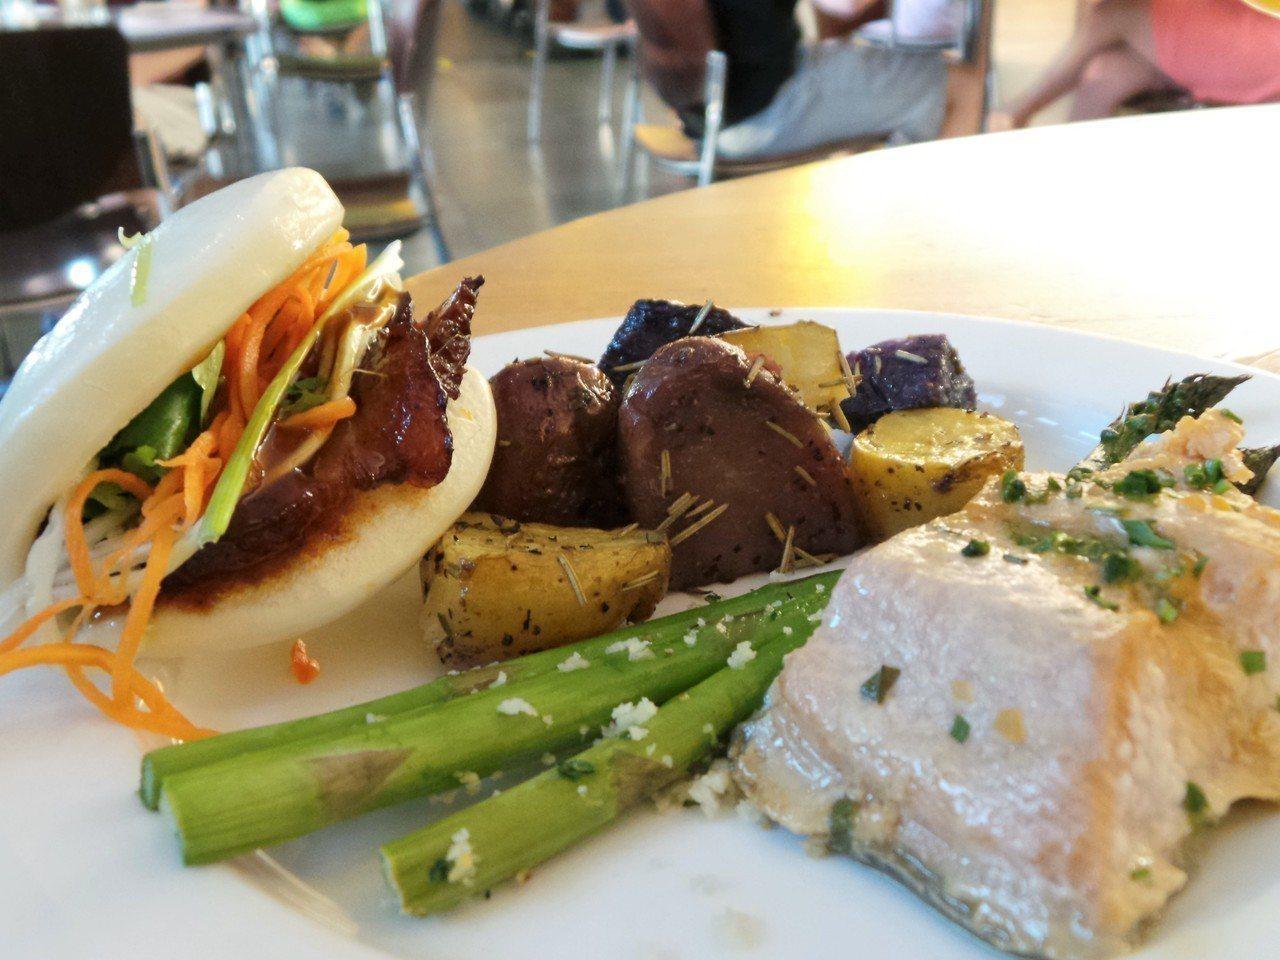 安城麻大學生餐廳三度稱霸全美大學。記者唐嘉麗/攝影